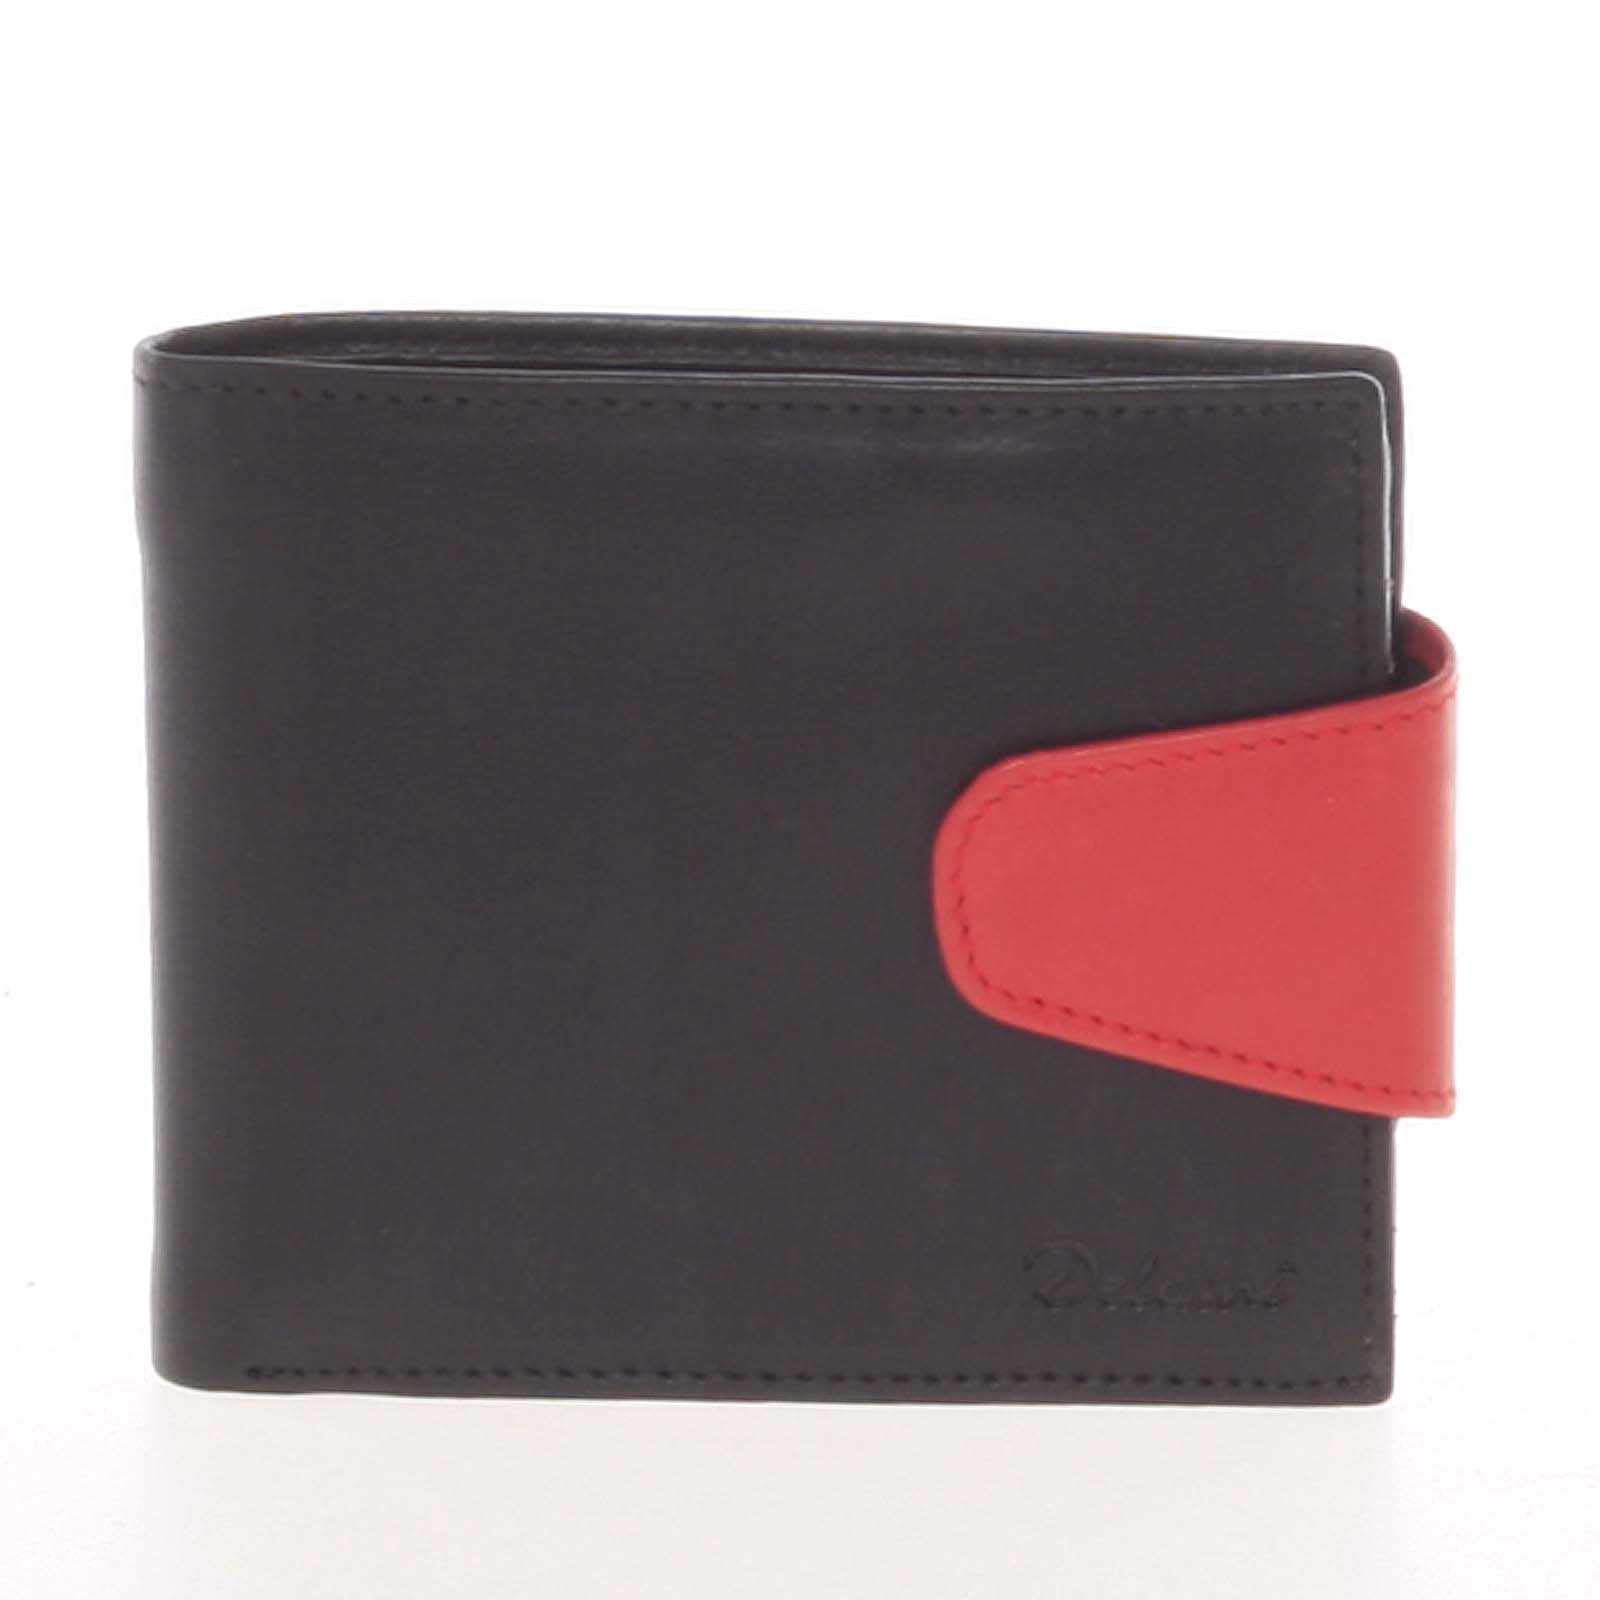 Pánska kožená peňaženka čierna - Delami 11816